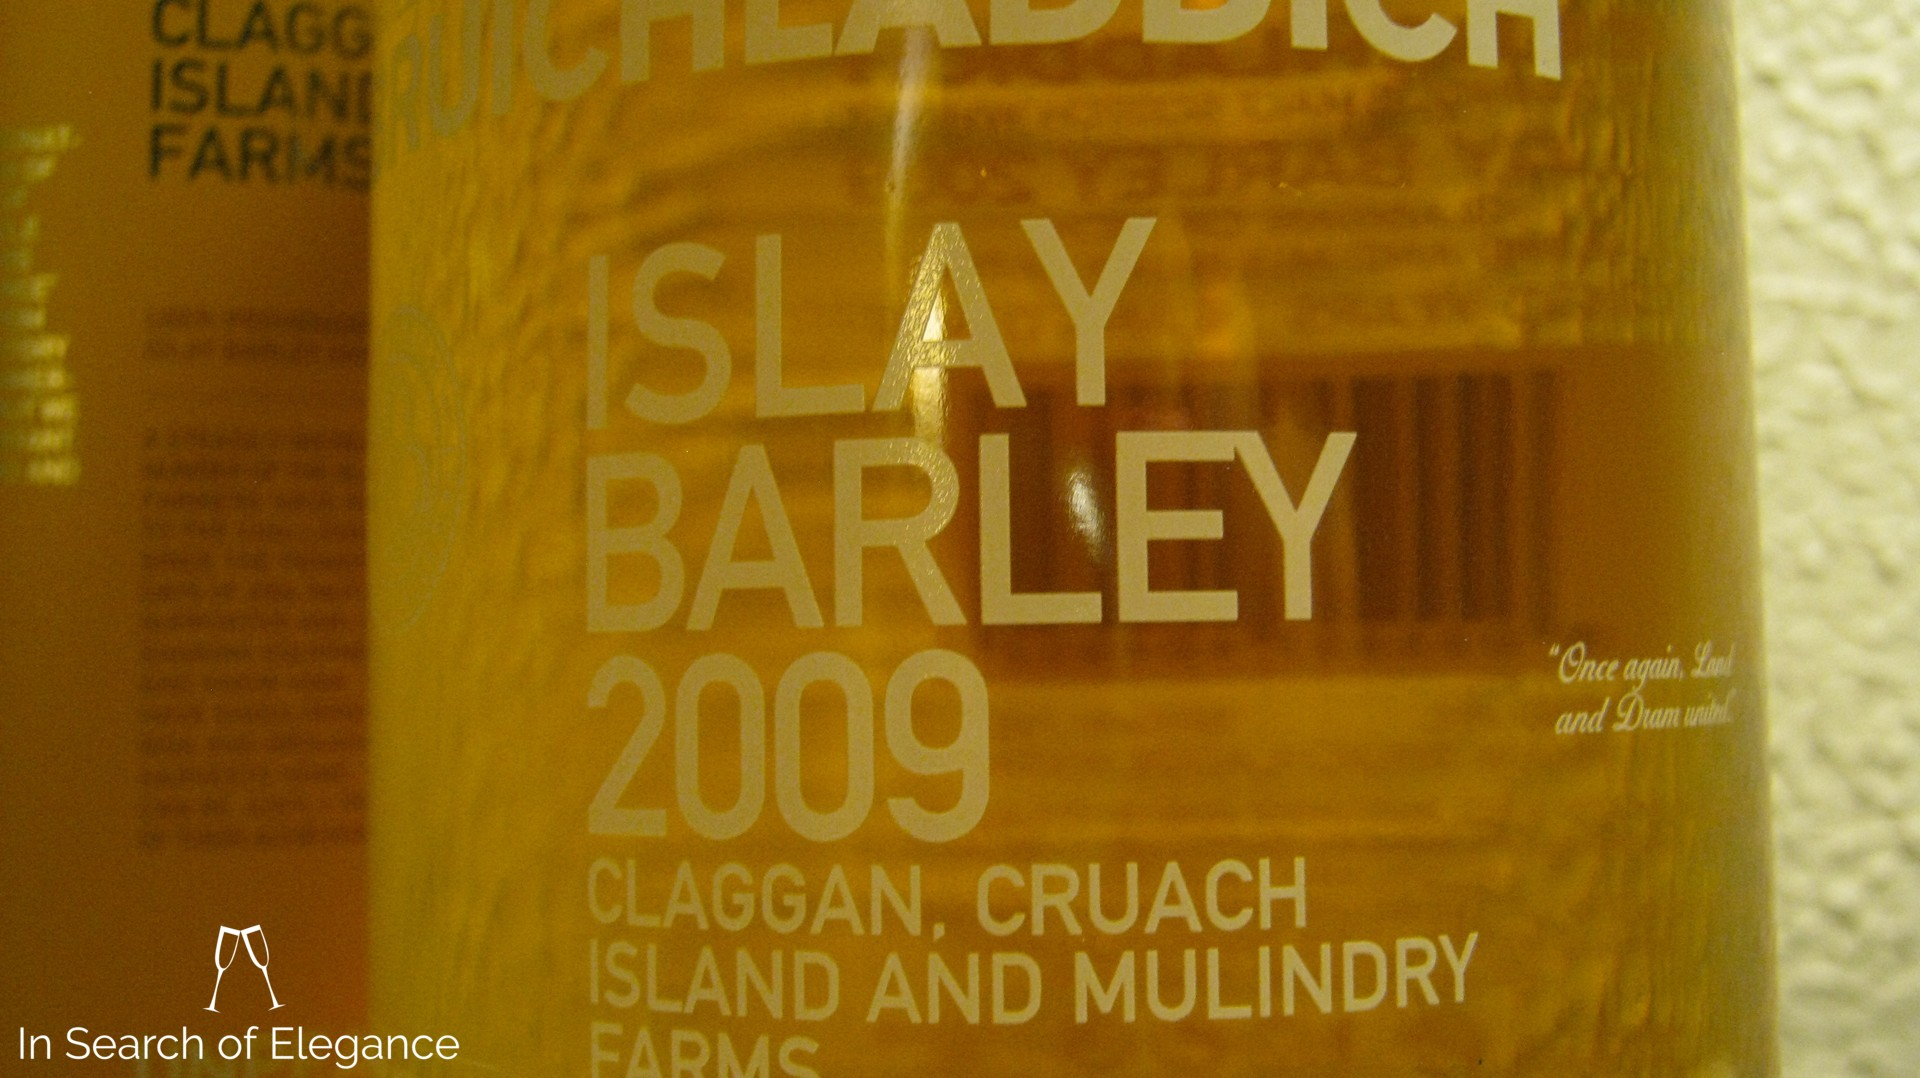 Bruichladdich Islay Barley.jpg